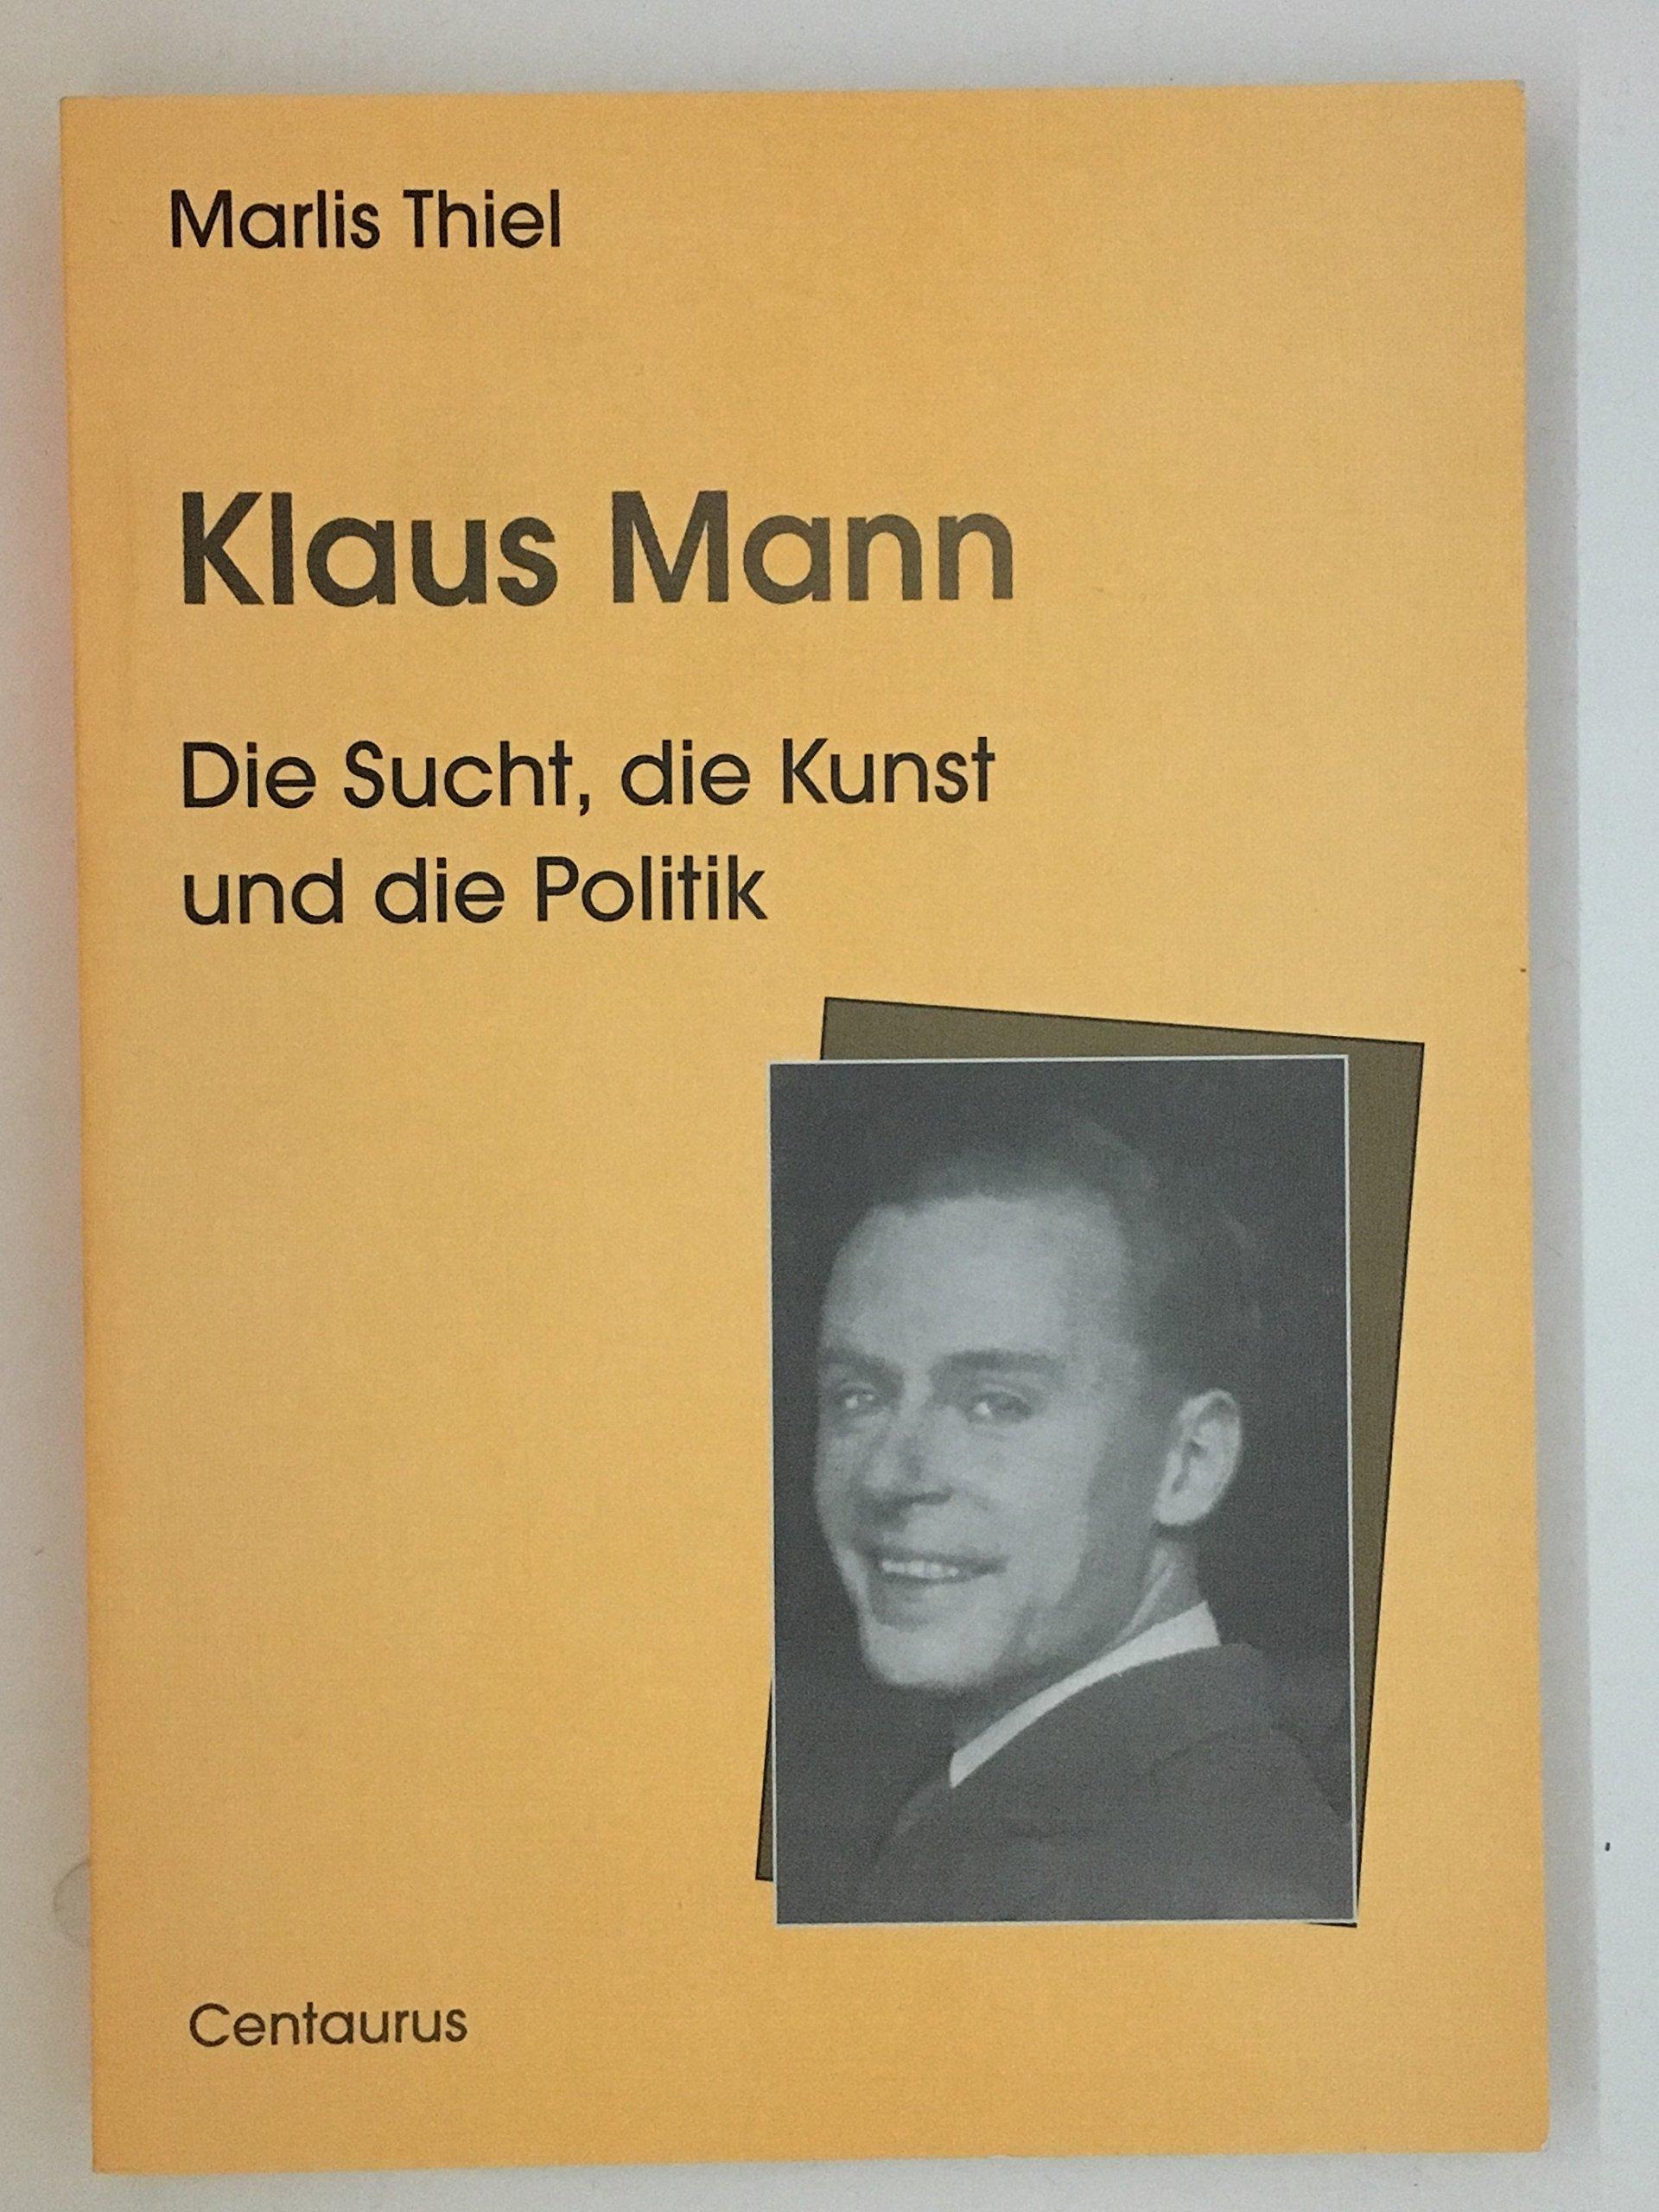 Thomas Mann auf Leinwand und Bildschirm: Zur deutschen